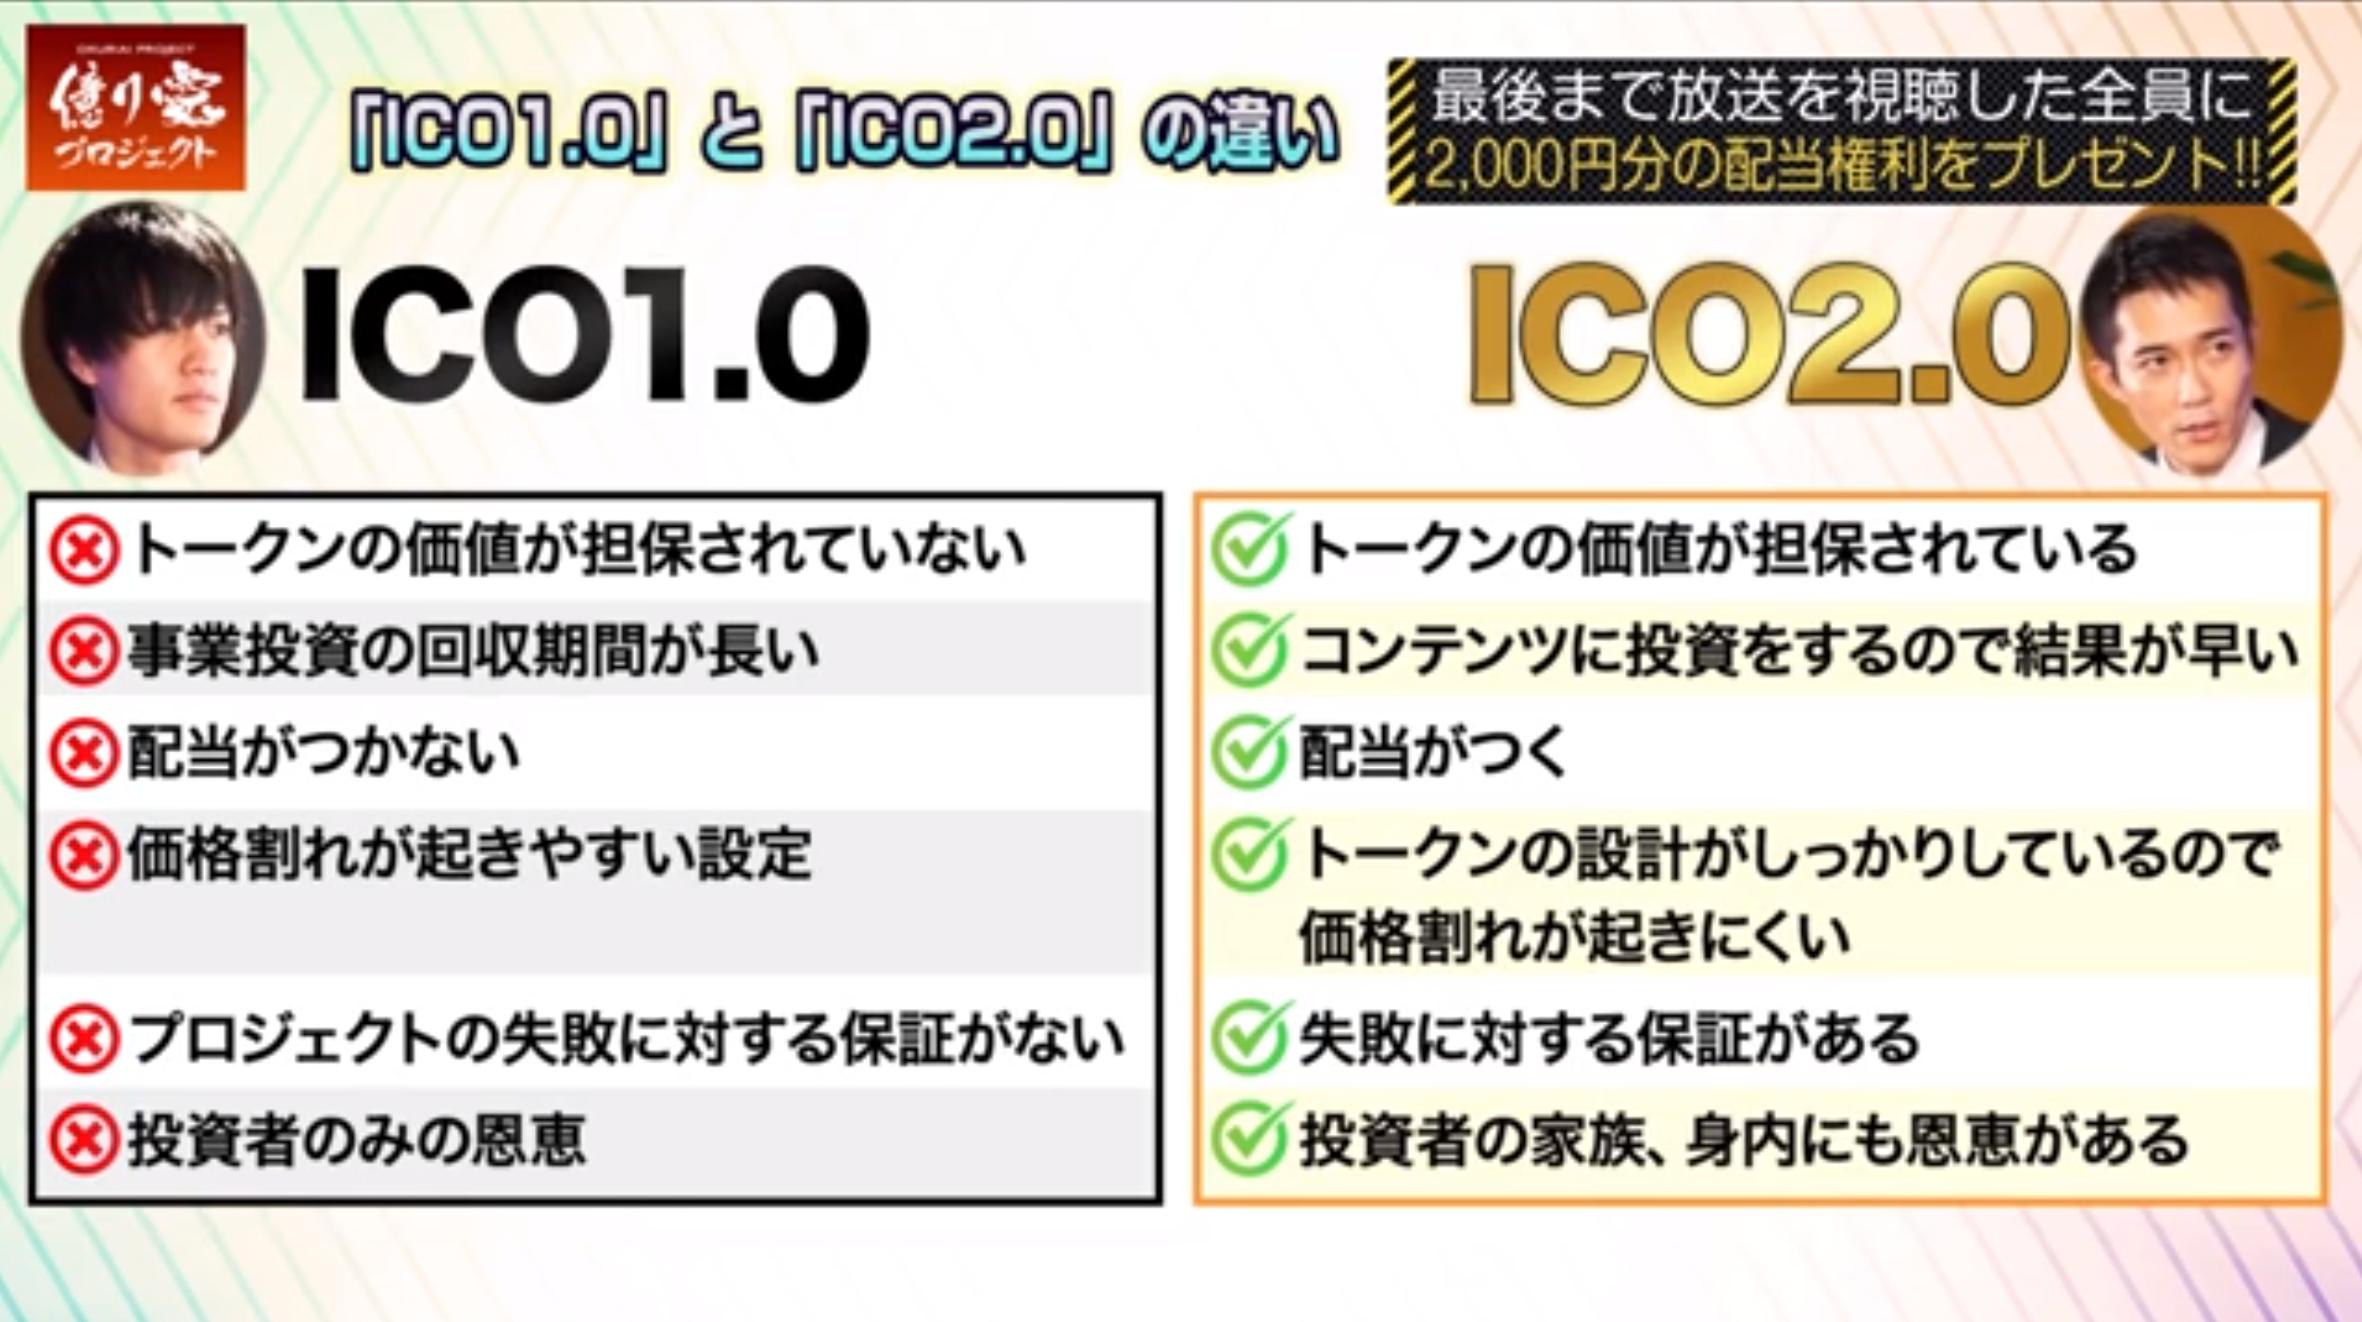 吉田慎也 億り愛プロジェクト(配当型ICO)7